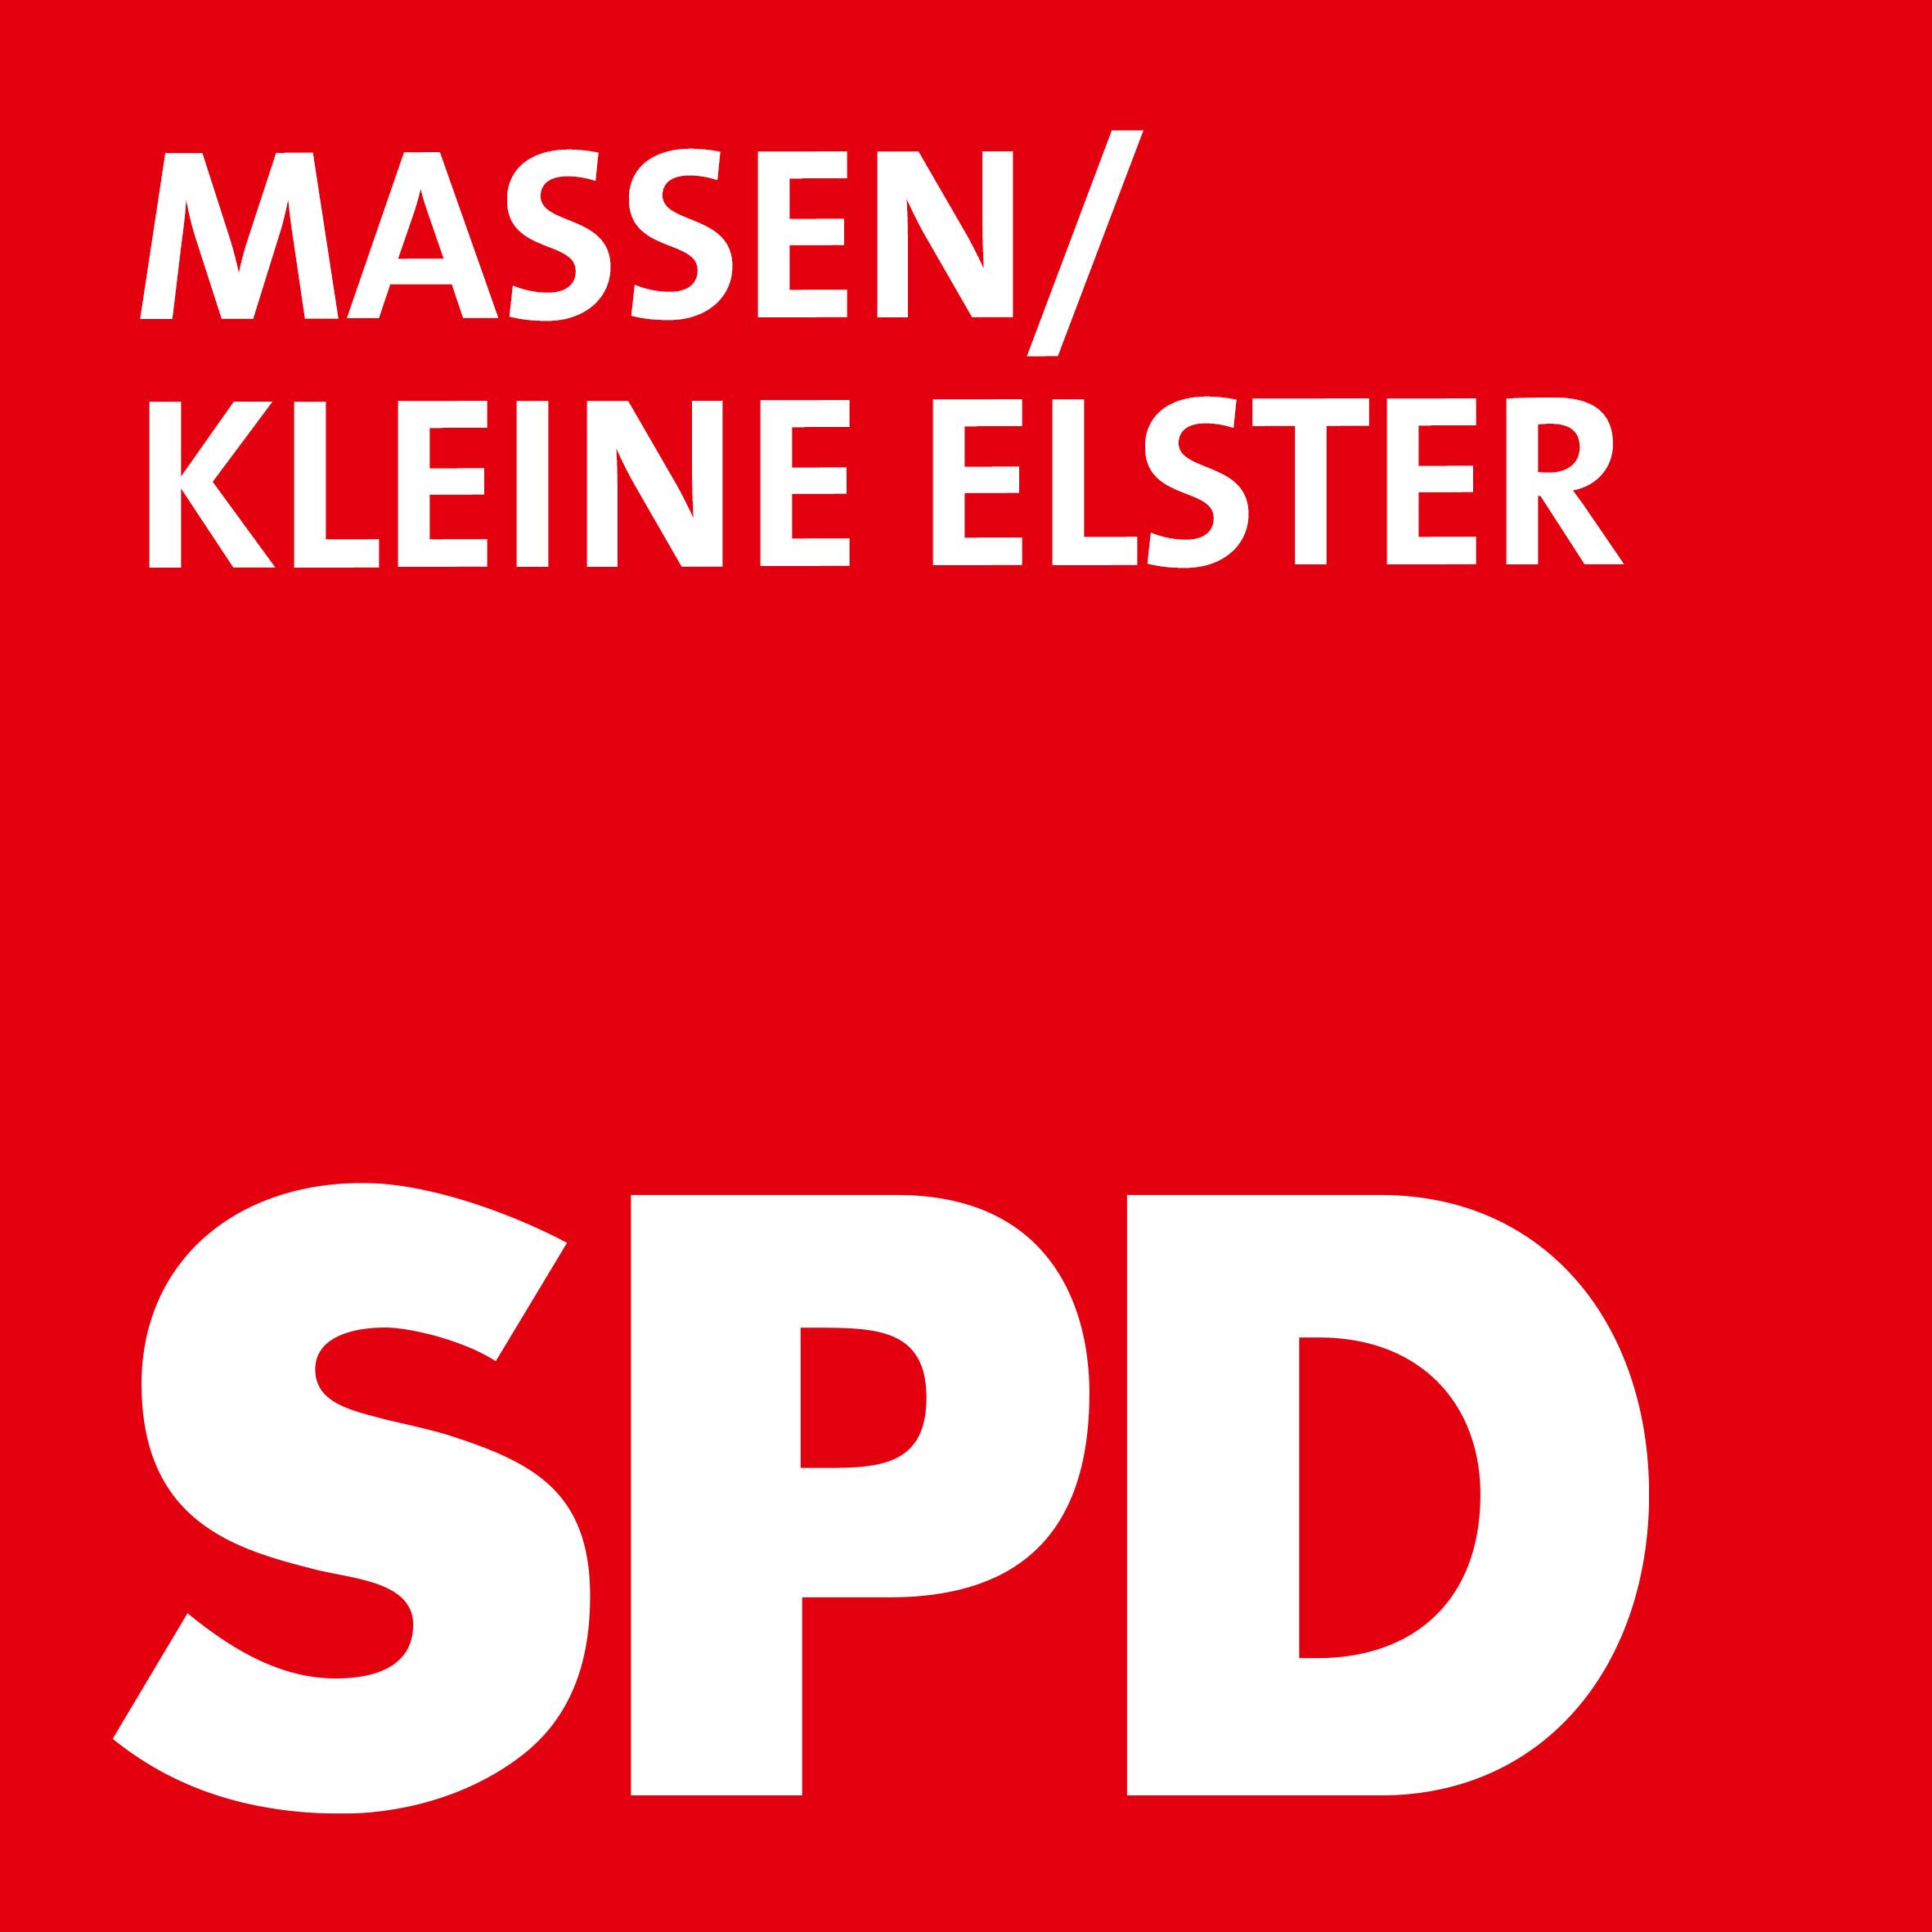 SPD Massen/Kleine Elster